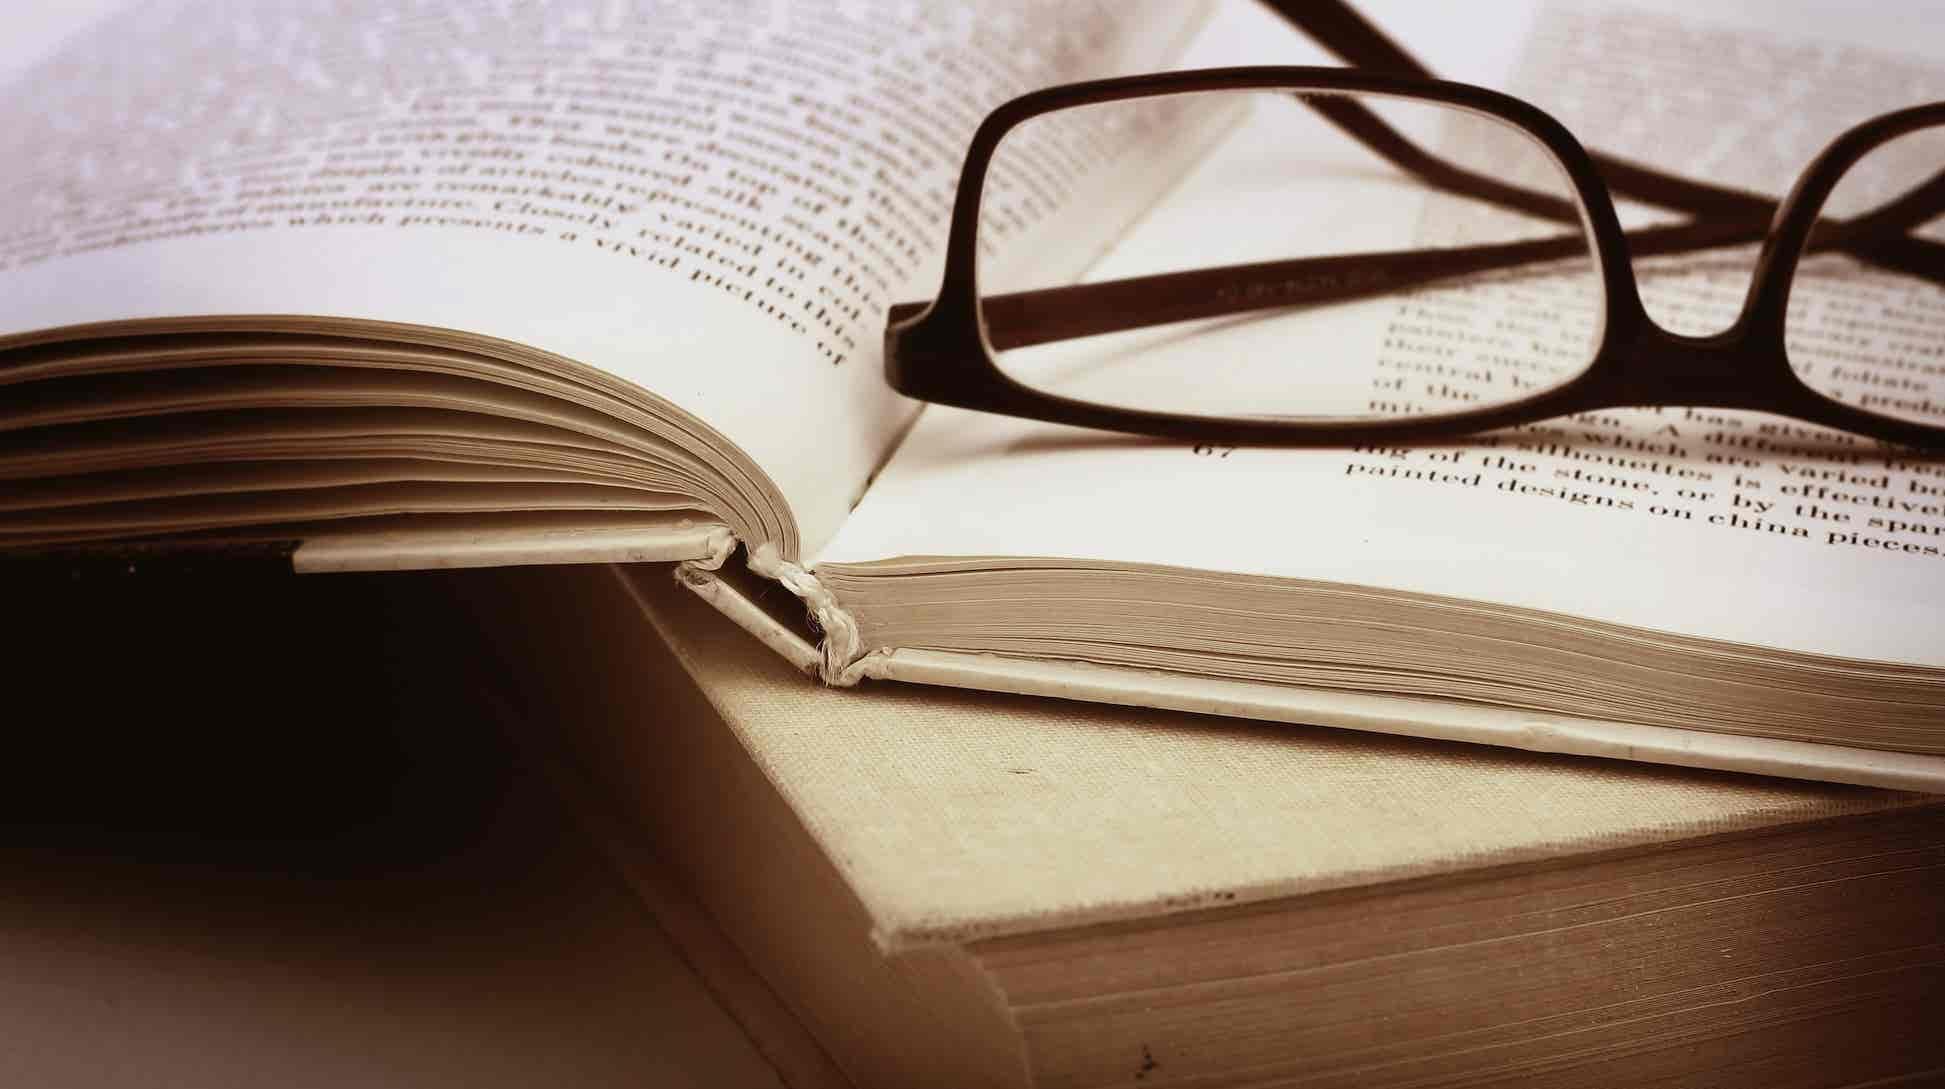 Nesta edição da rubrica À volta dos livros Ana Daniela Soares conversa com Teresa Calçada, comissária do Plano Nacional de Leitura